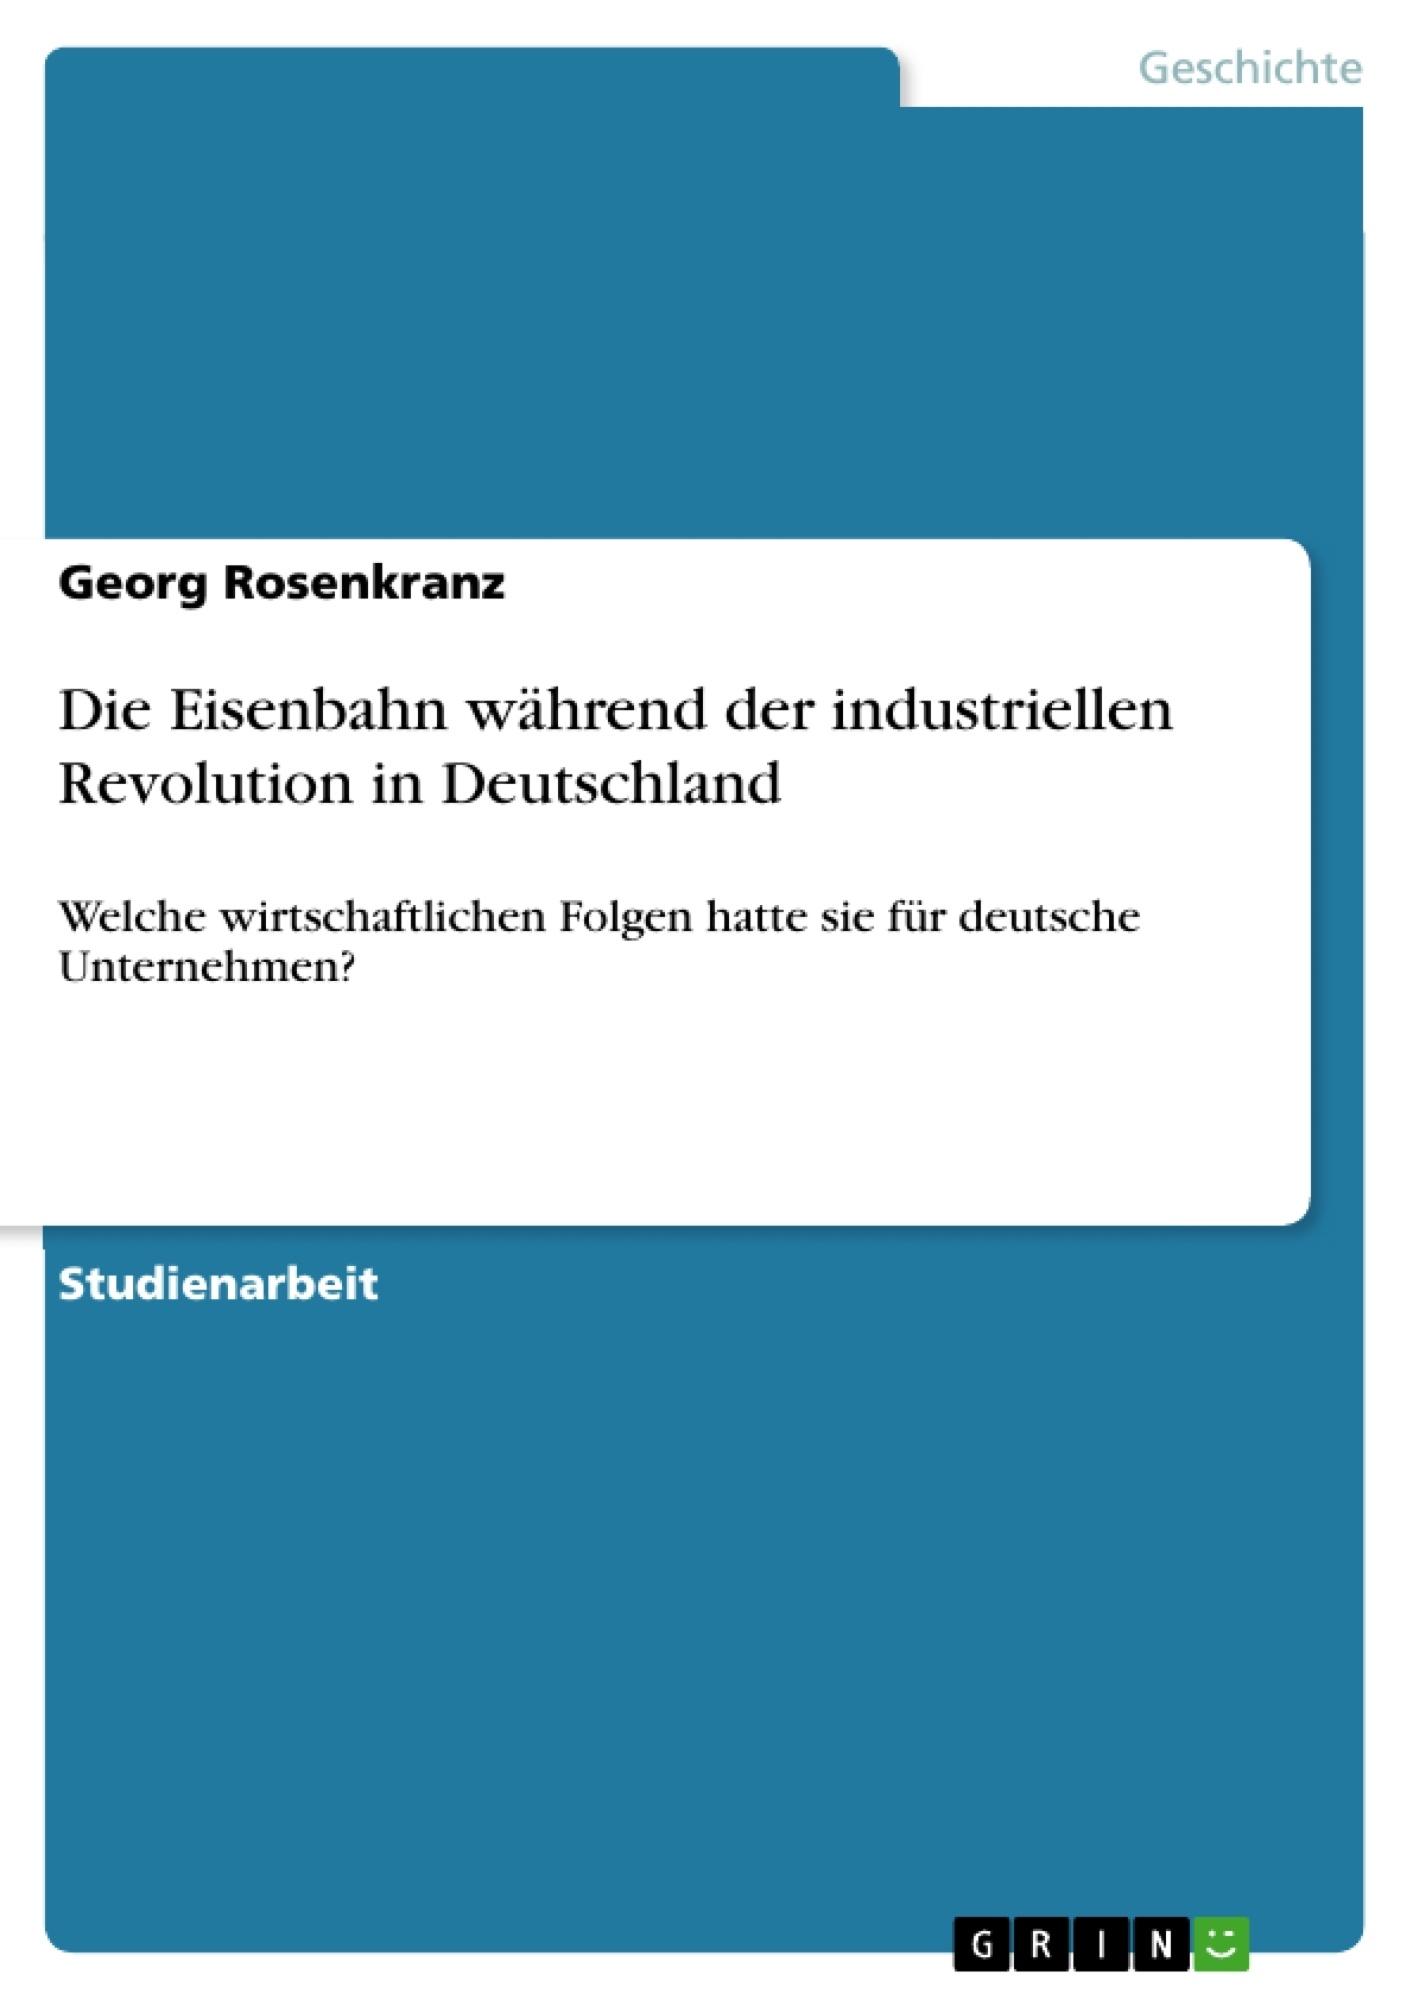 Titel: Die Eisenbahn während der industriellen Revolution in Deutschland